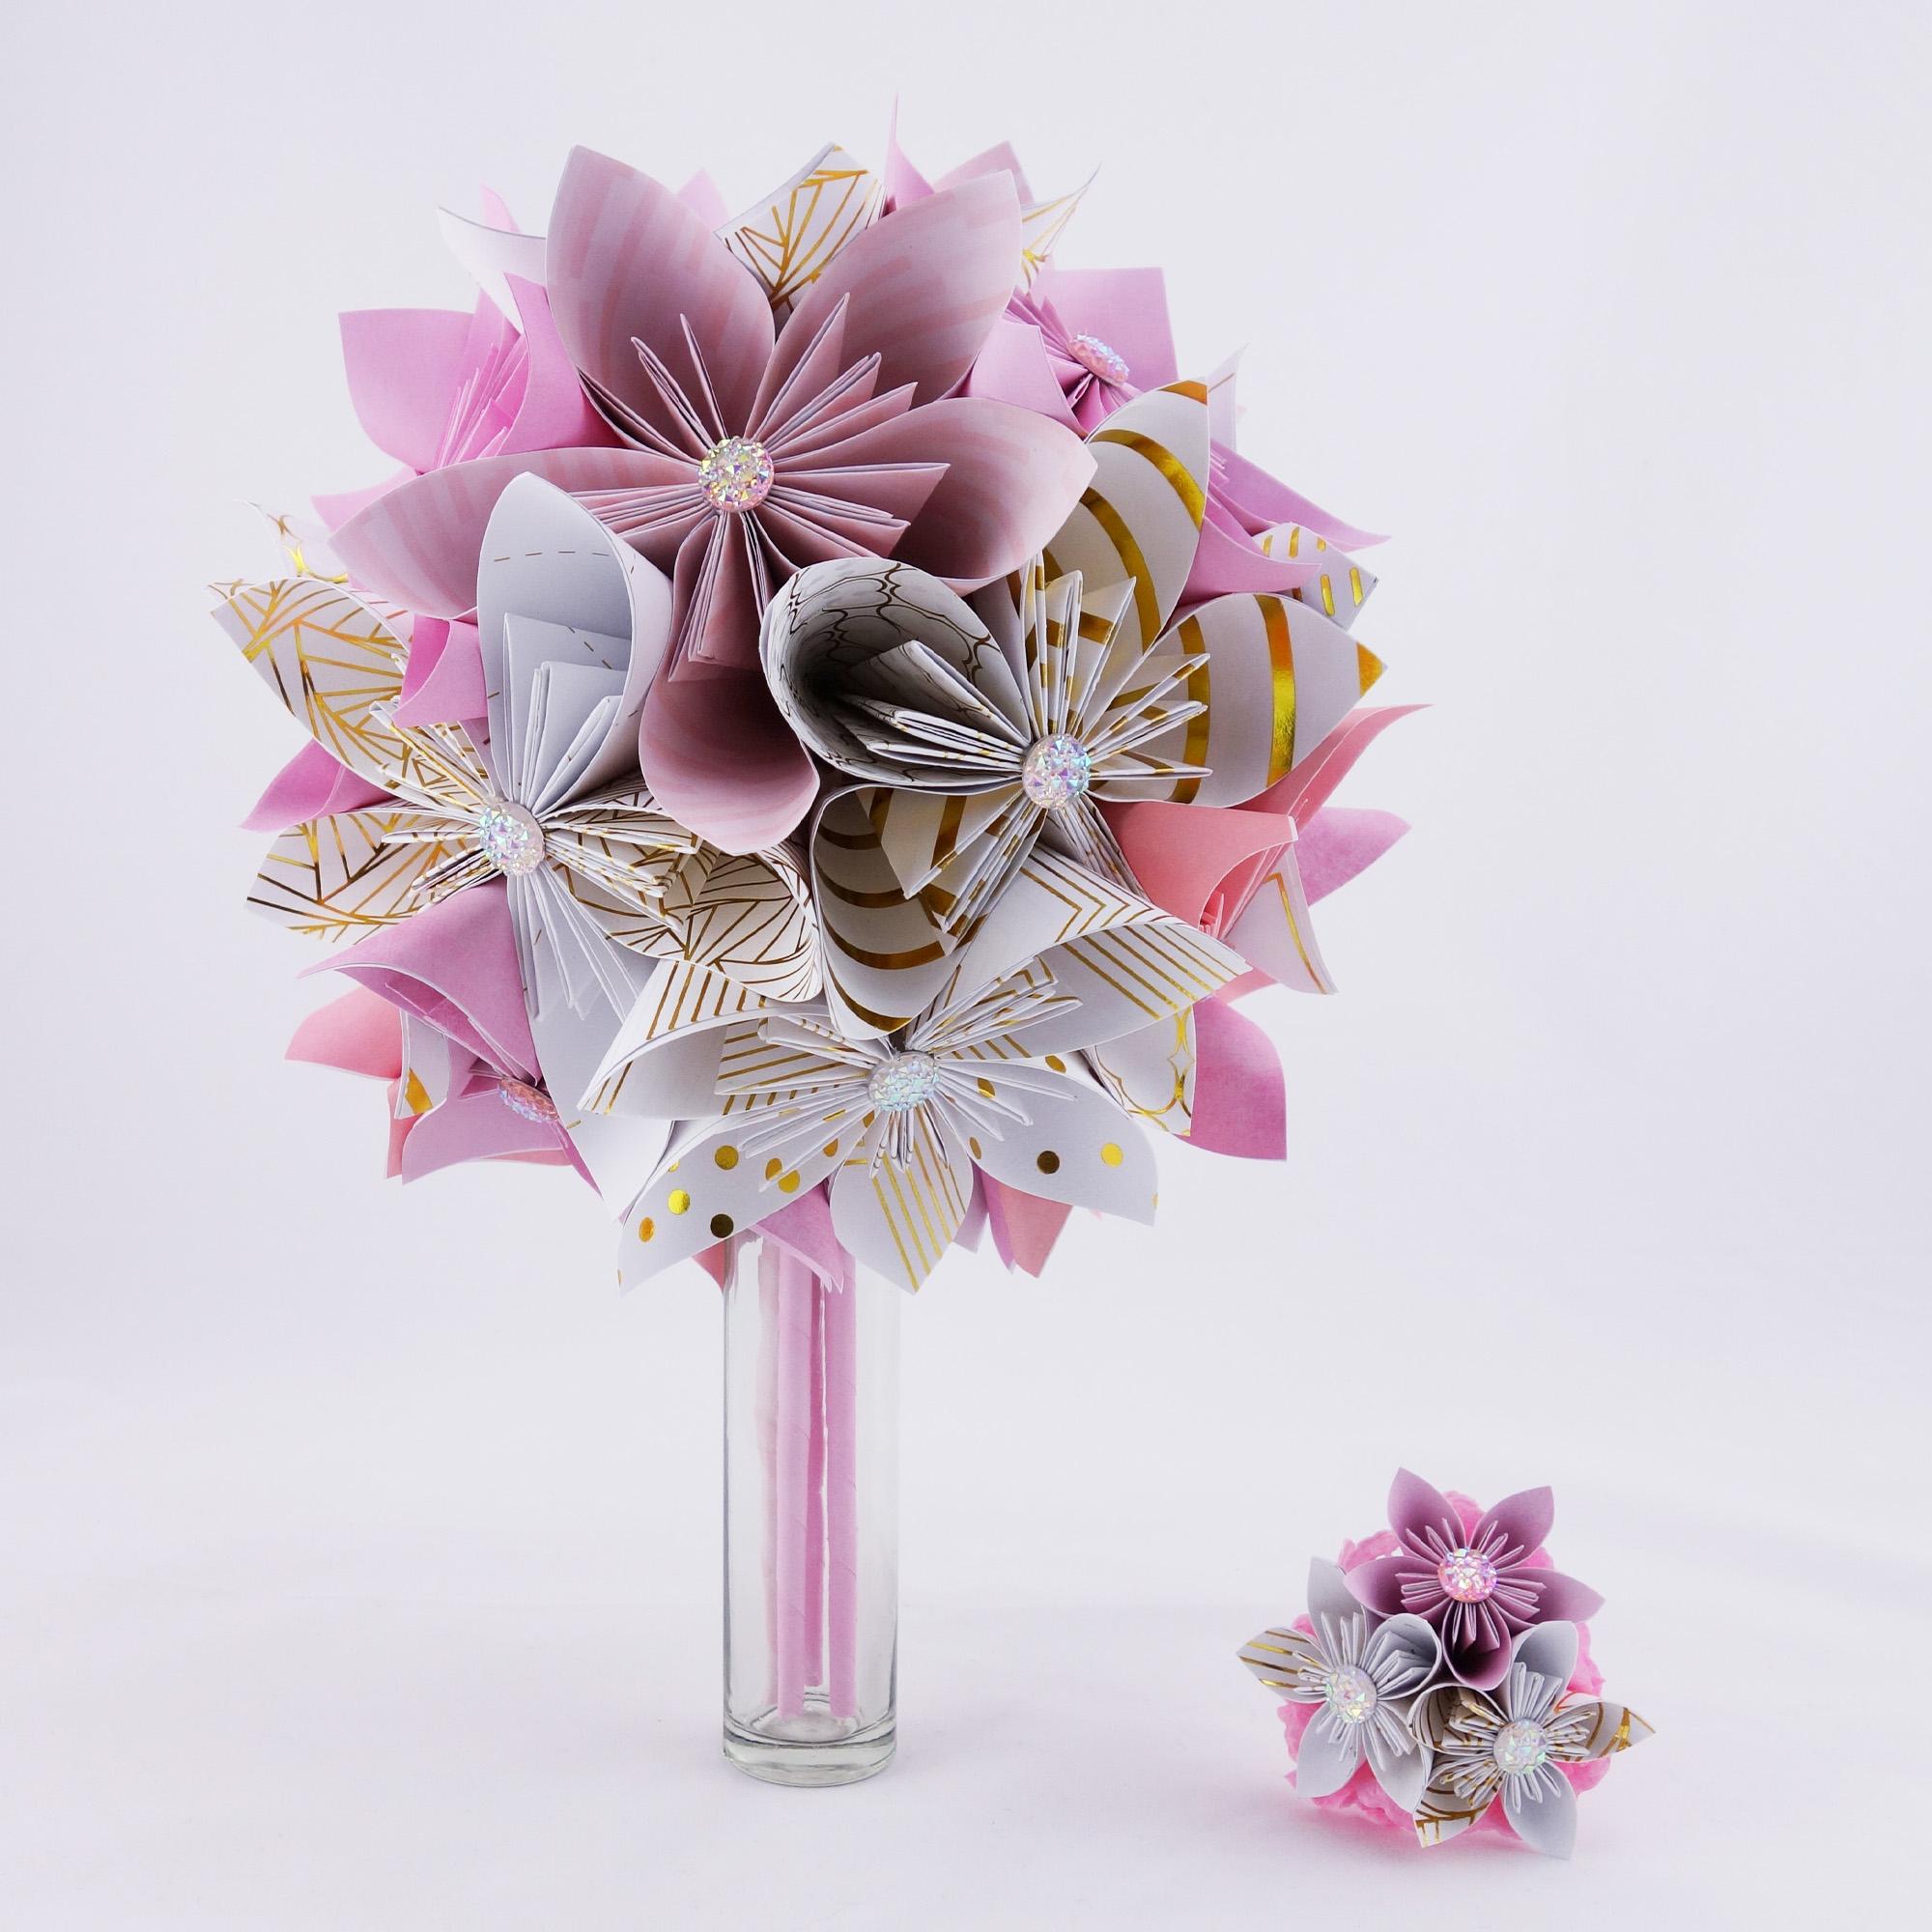 accueil - soligami : bouquets de mariée en origami - accessoires et